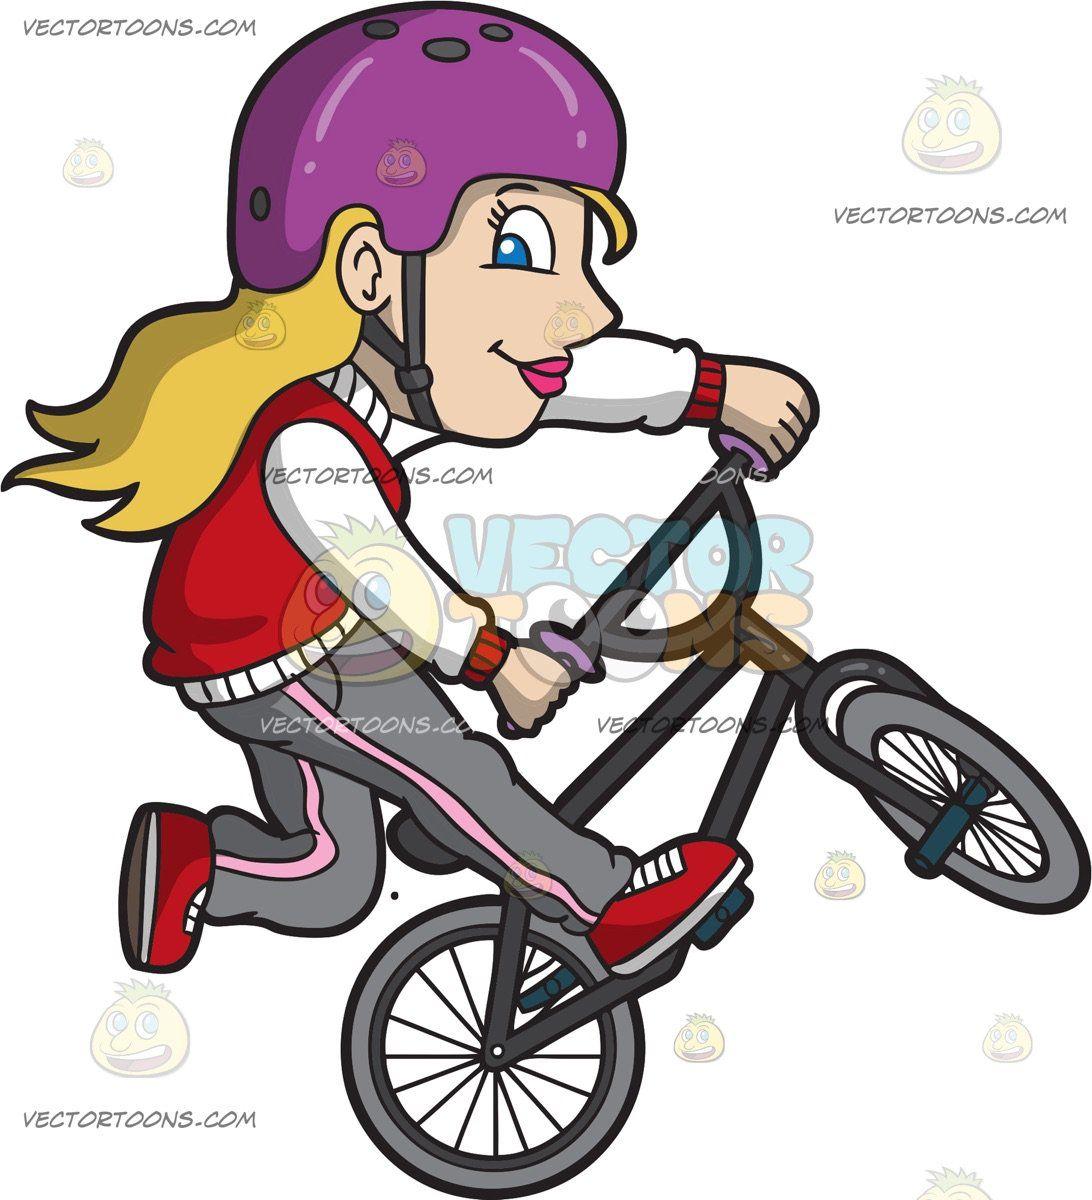 A Sporty Woman Doing A Nac Nac Bmx Trick: A woman with.